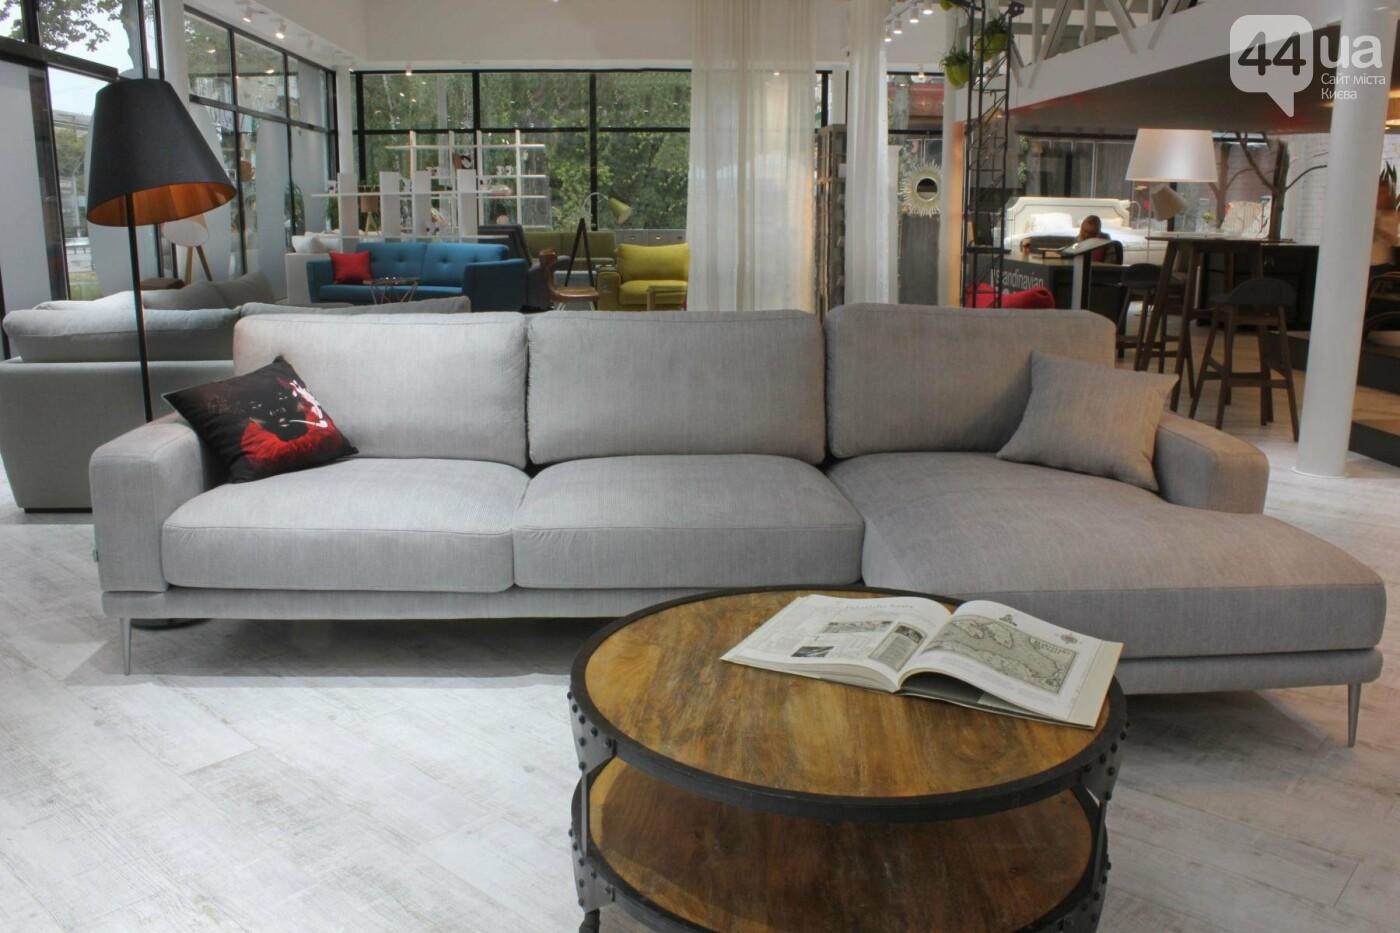 Обзор мебельных компаний Киева: какую мебель выбрать?, фото-43